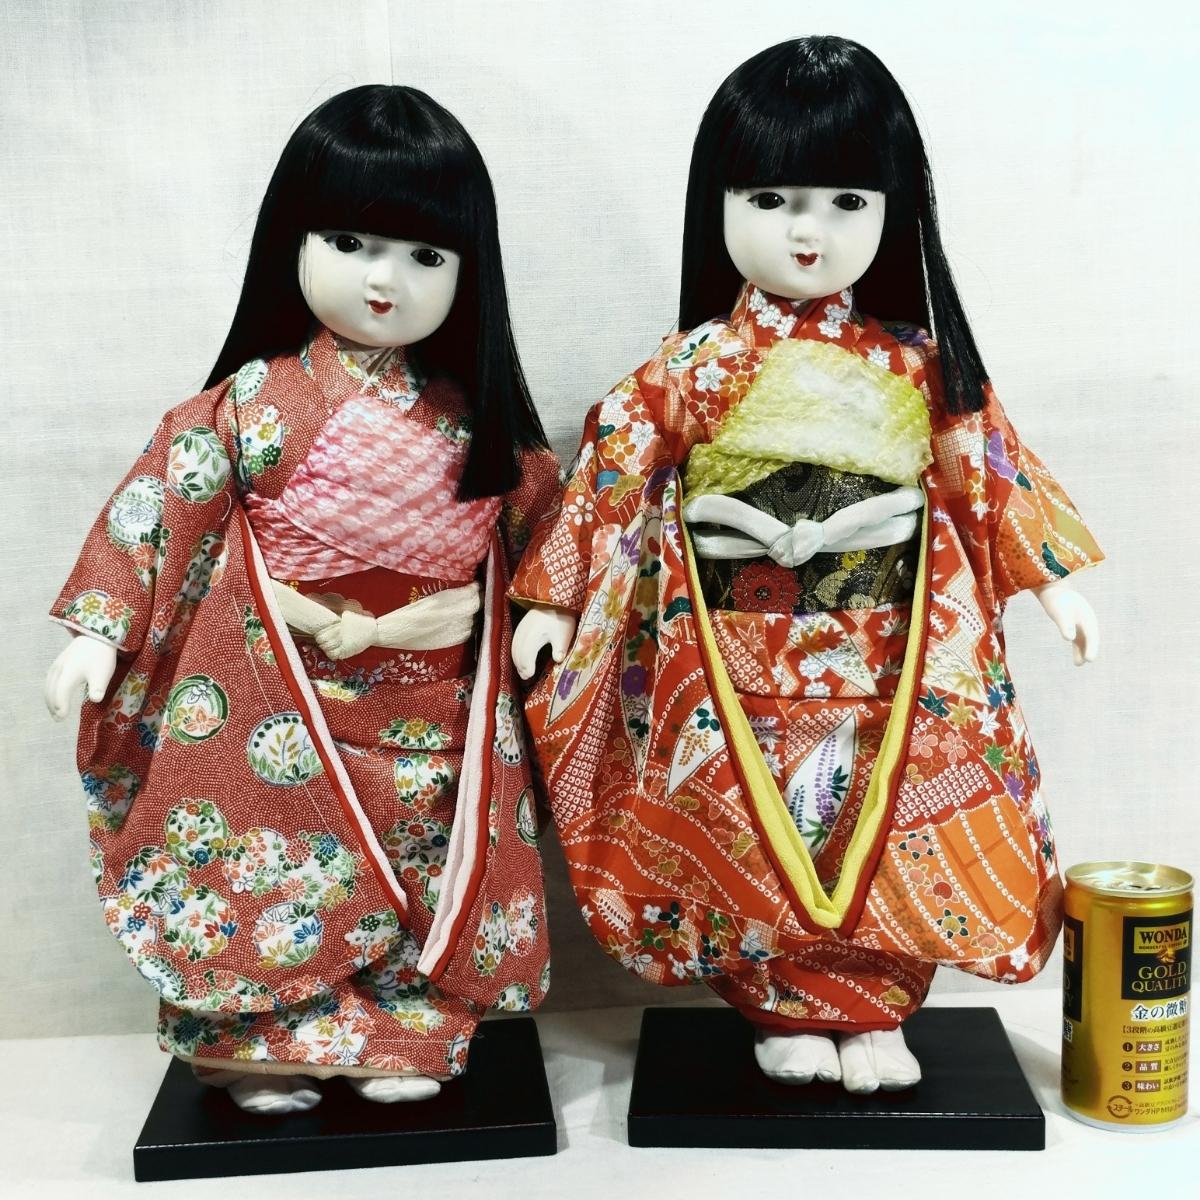 木製スタンド付き市松人形2体  日本人形 _画像2